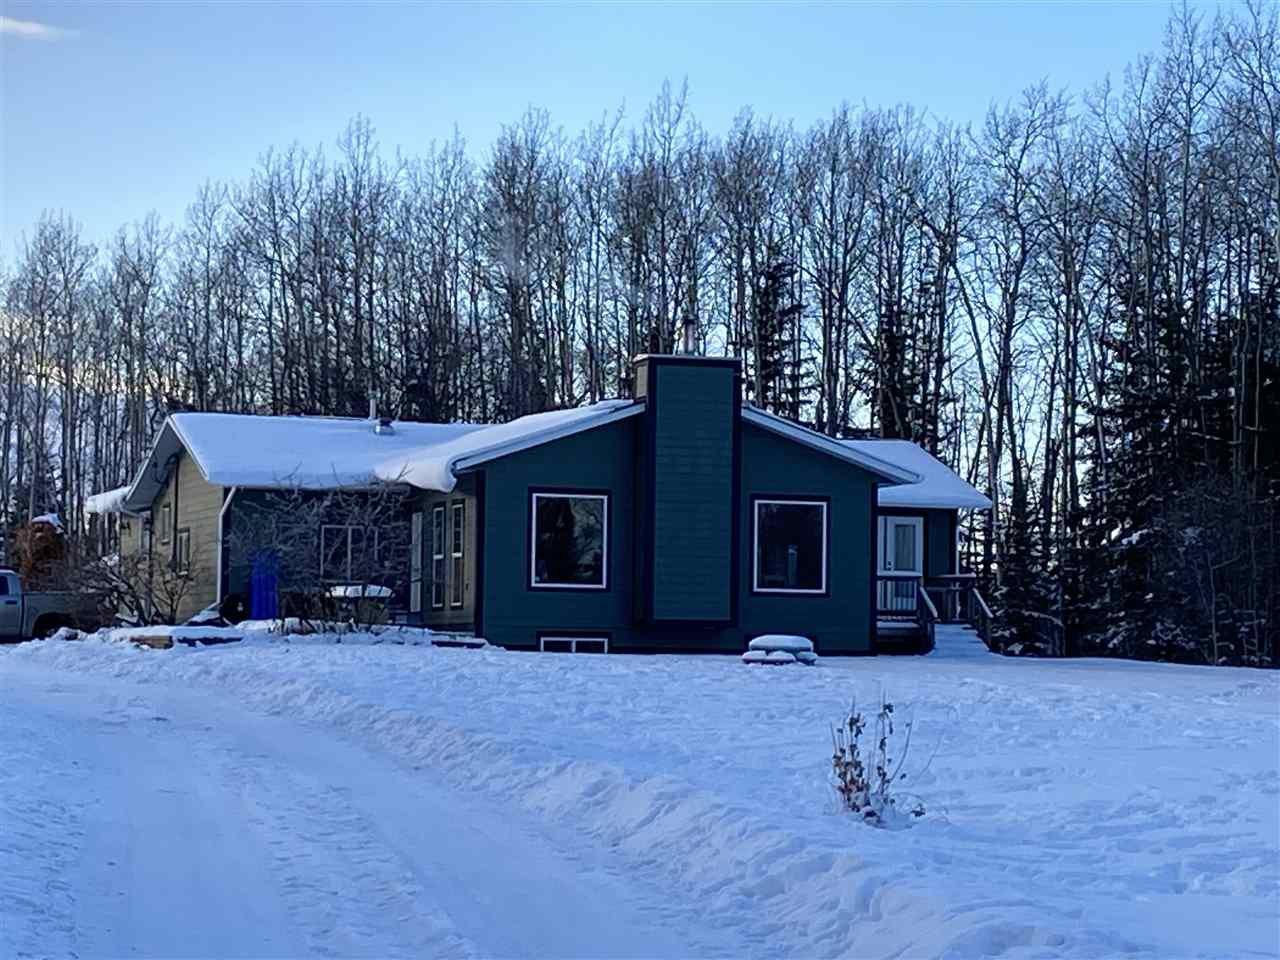 """Main Photo: 16552 265 Road in Fort St. John: Fort St. John - Rural W 100th House for sale in """"ROSE PRAIRIE"""" (Fort St. John (Zone 60))  : MLS®# R2454884"""